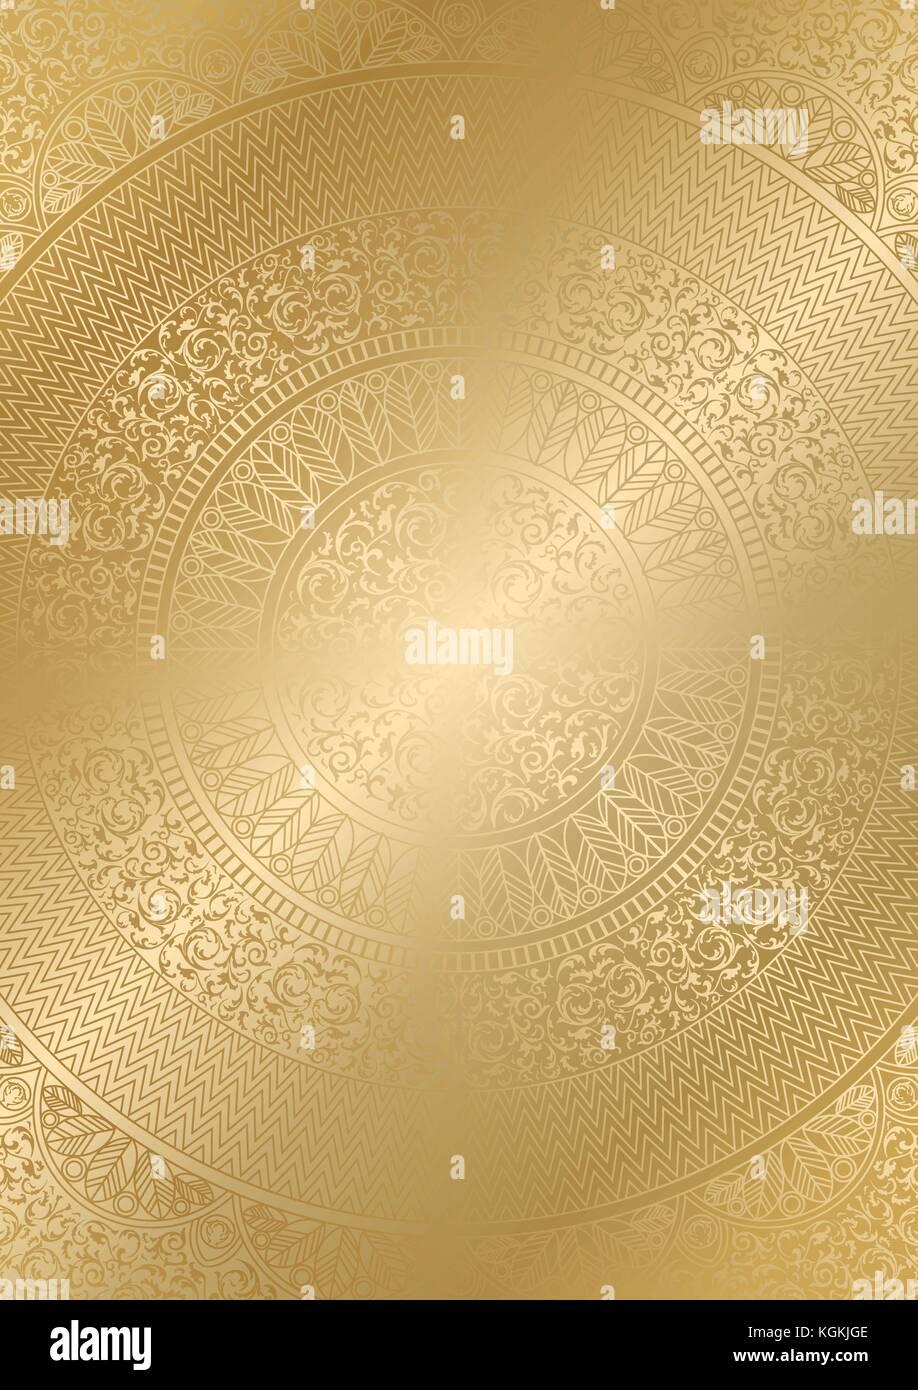 Golden round motivo floreale colore sfumatura. vintage cover Design modello. vettore poster mandala morbido sfondo Immagini Stock